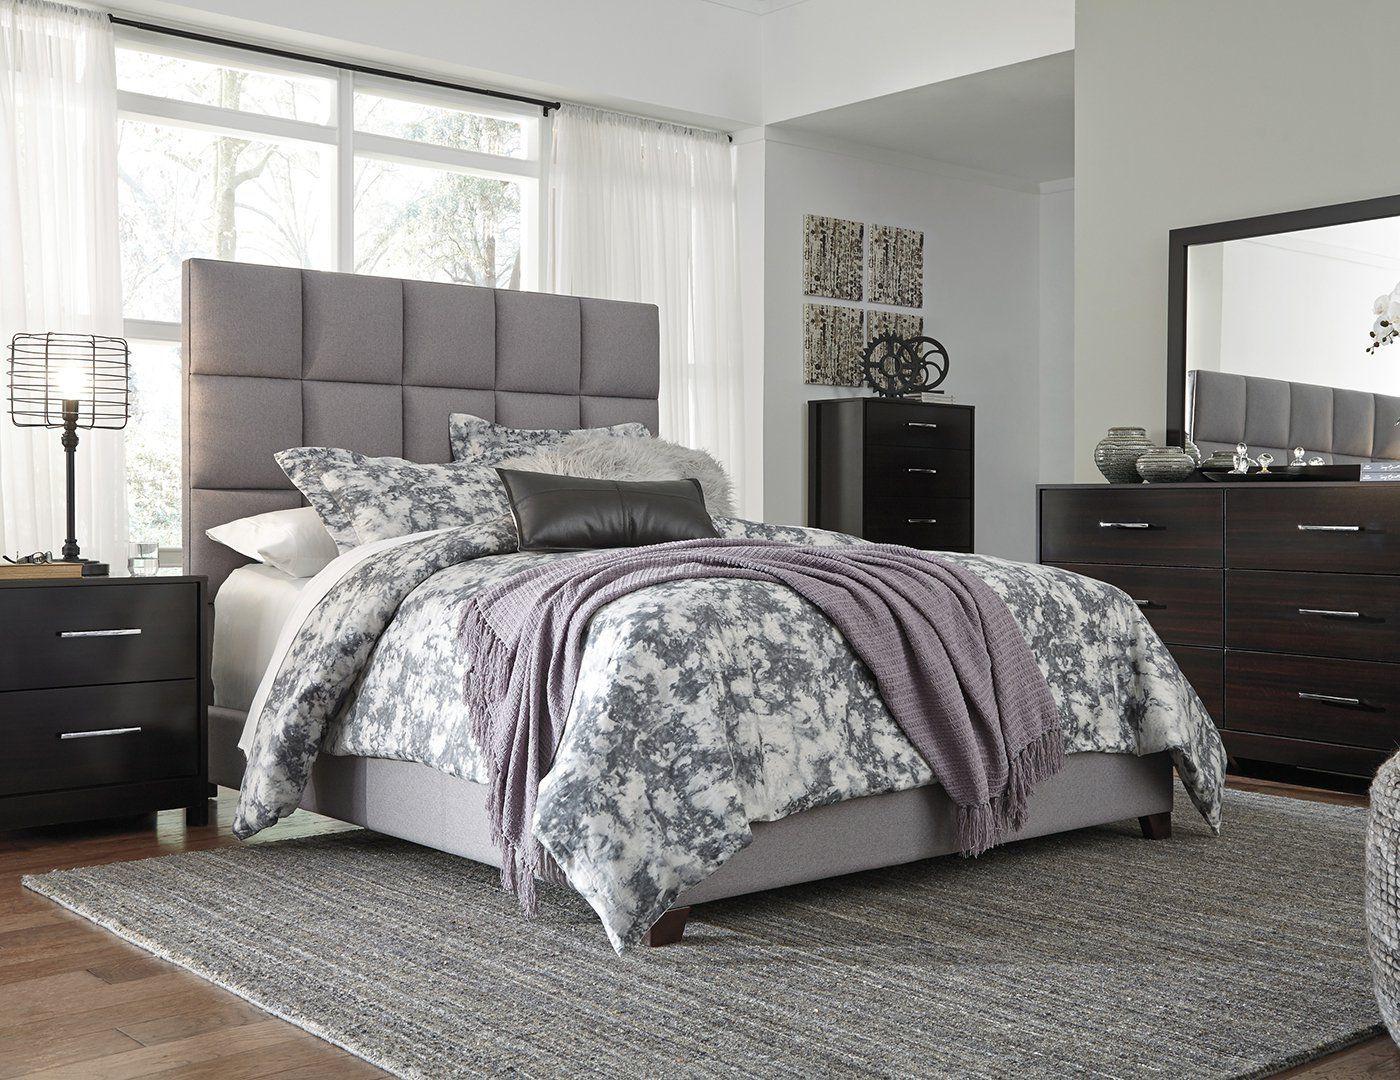 Agella 5pc. King Bedroom Set Upholstered beds